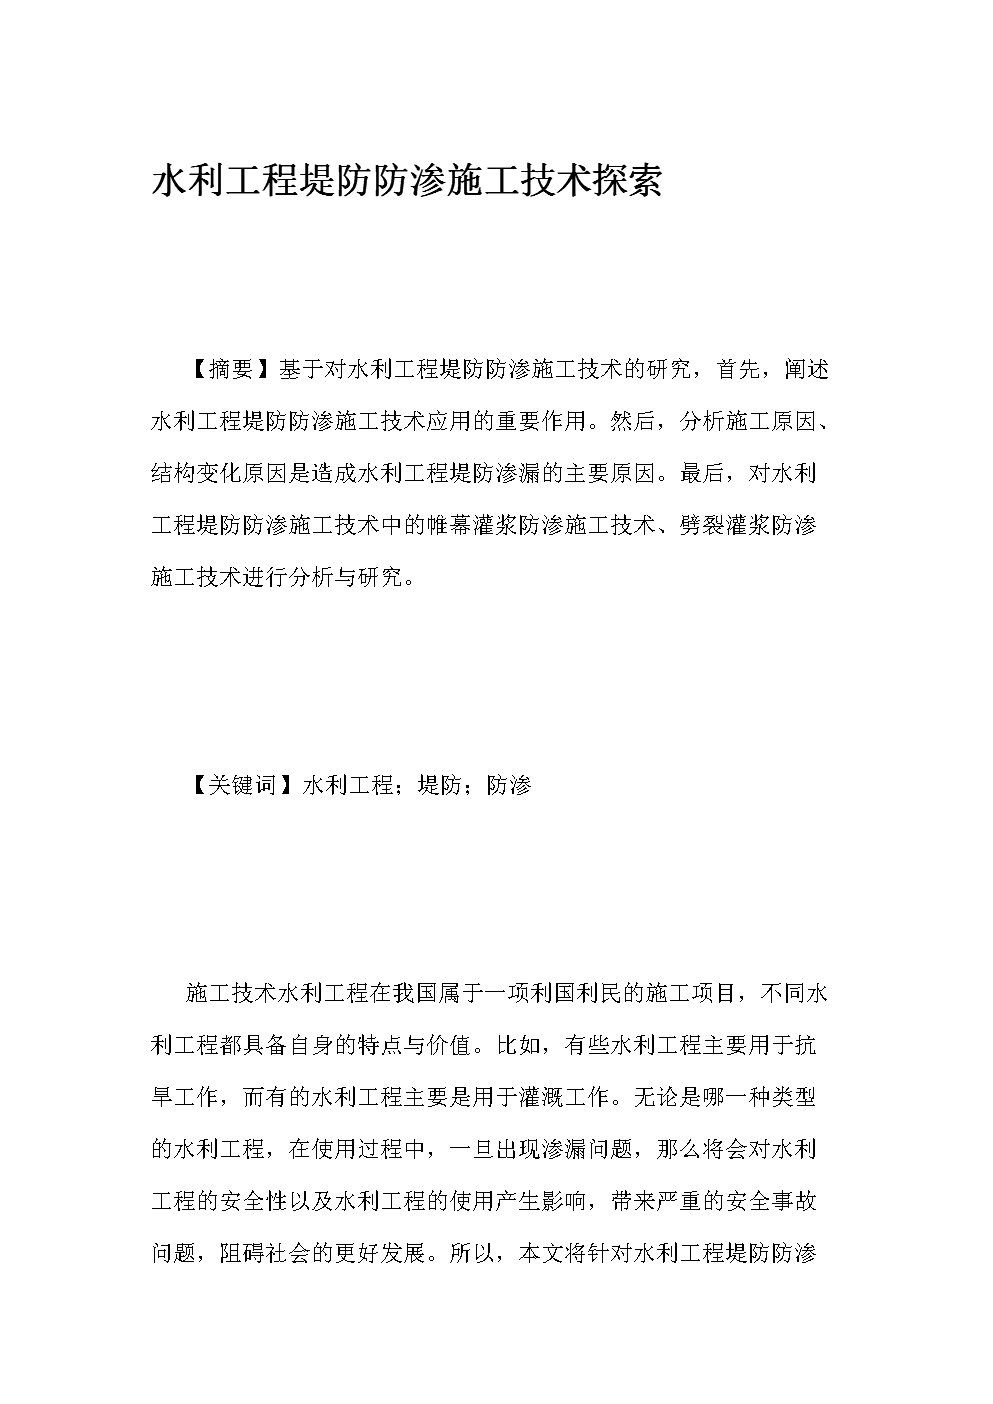 水利工程堤防防渗施工技术探索-水利水电论文-水利论文.docx